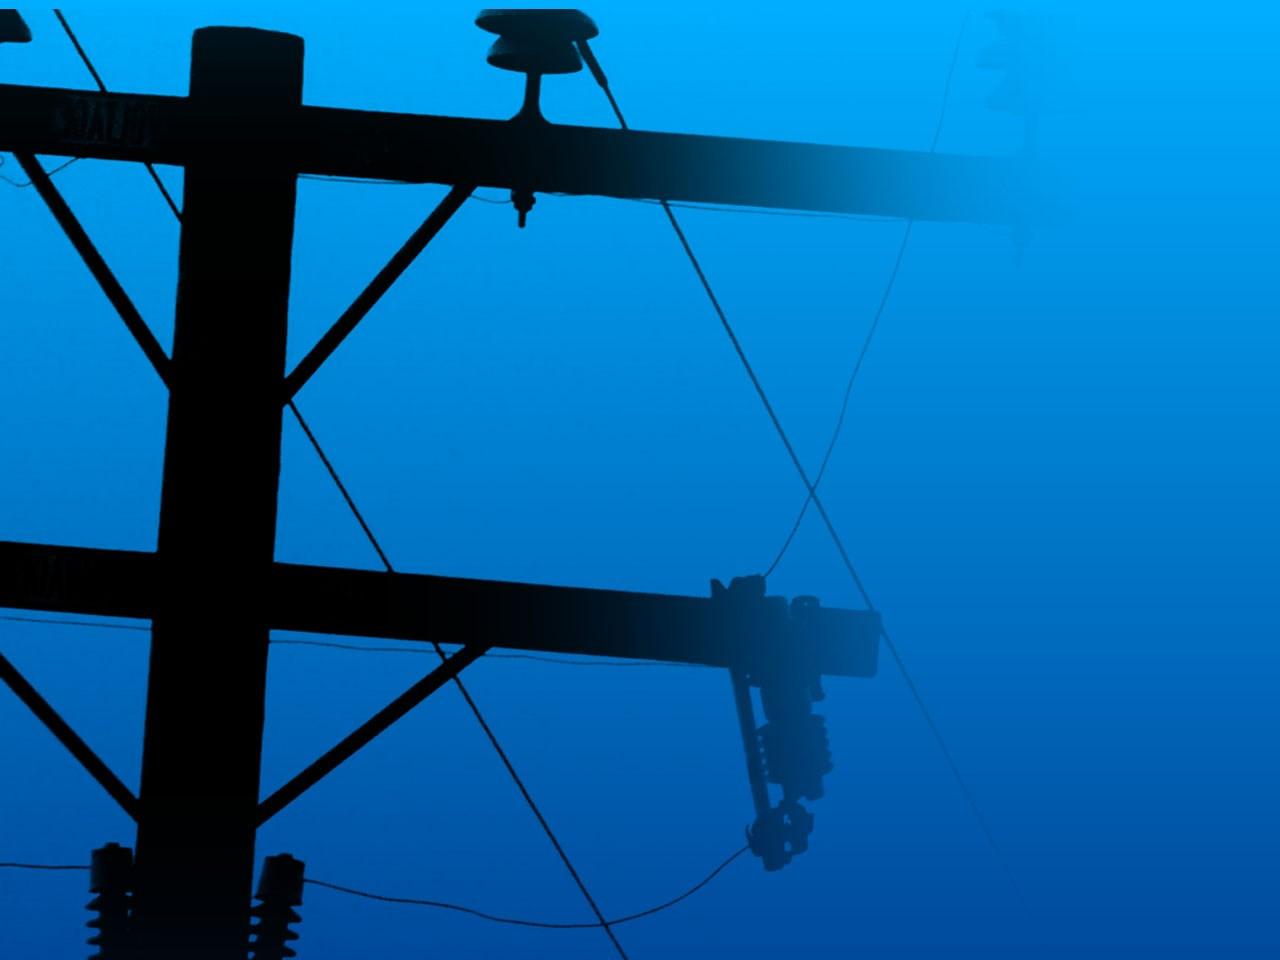 Power Lines (GEN)